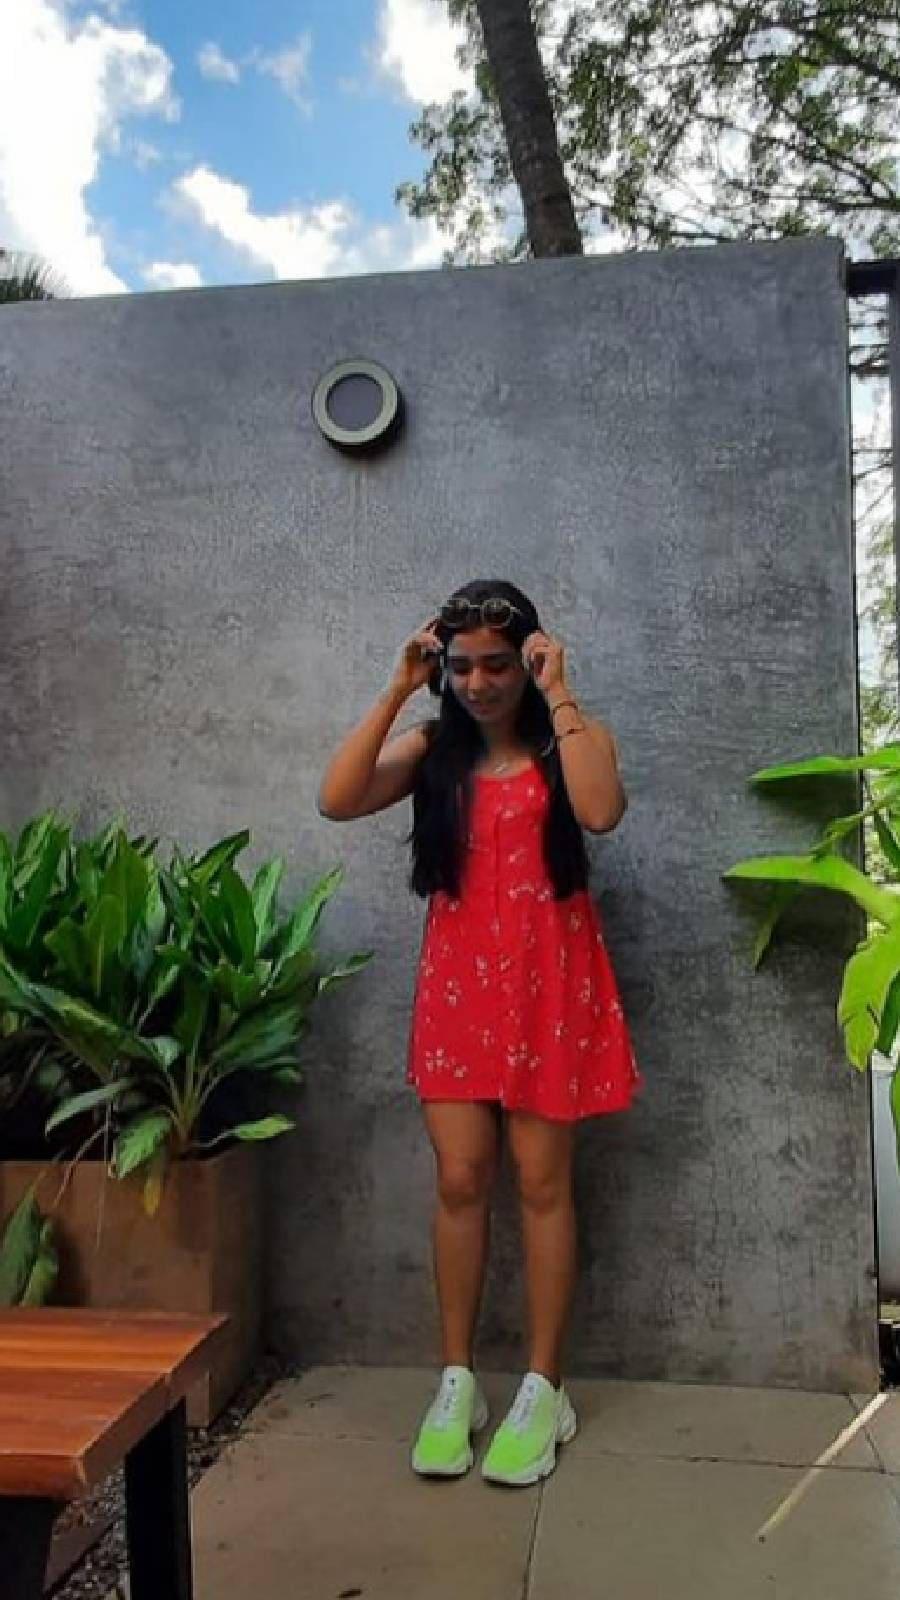 സണ്ണി വെയ്ൻ നായകനായ കുടുംബ ചിത്രം 'അനുഗ്രഹീതൻ ആന്റണി' എന്ന സിനിമയിലൂടെയാണ് 'ജാനു' മലയാളത്തിലെത്തിയത്. തിയേറ്റർ റിലീസായ സിനിമ ഉടൻ തന്നെ ഡിജിറ്റൽ റിലീസ് പ്രതീക്ഷിക്കുന്നു (ചിത്രം: ഇൻസ്റ്റഗ്രാം)